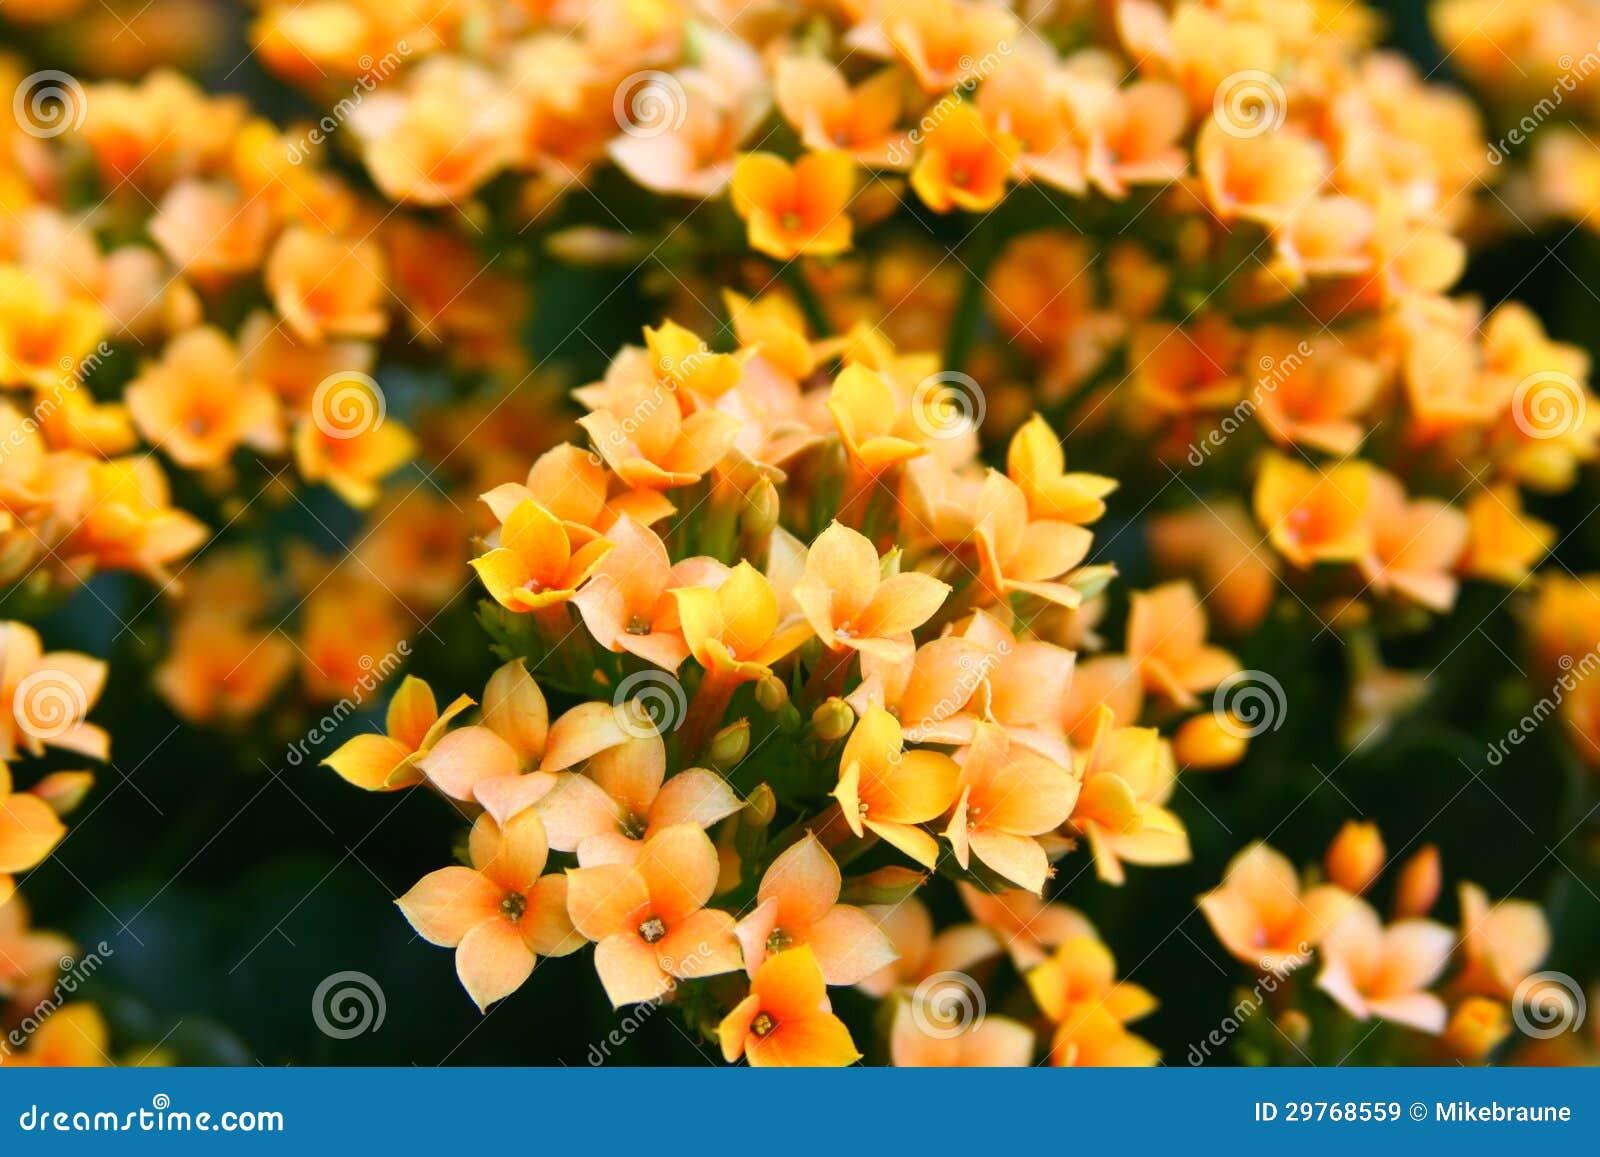 Petites fleurs oranges et jaunes